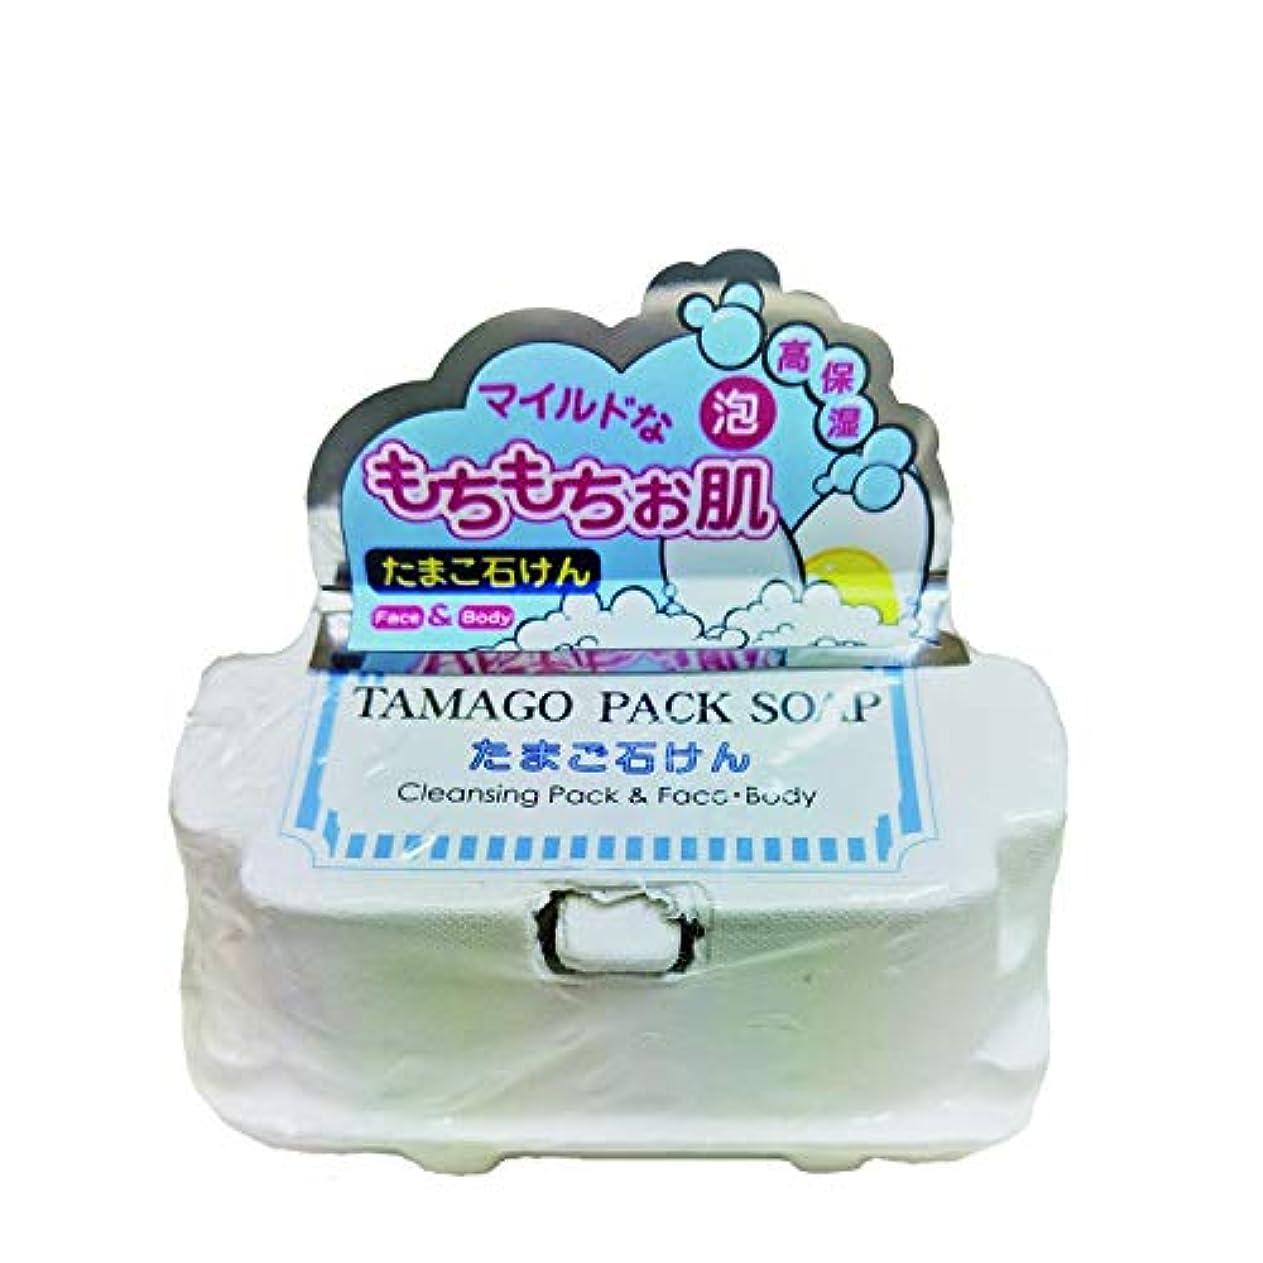 シンビジャパン たまご石けん TAMAGO PACK SOAP フェイス?ボディ用 50g×2個入